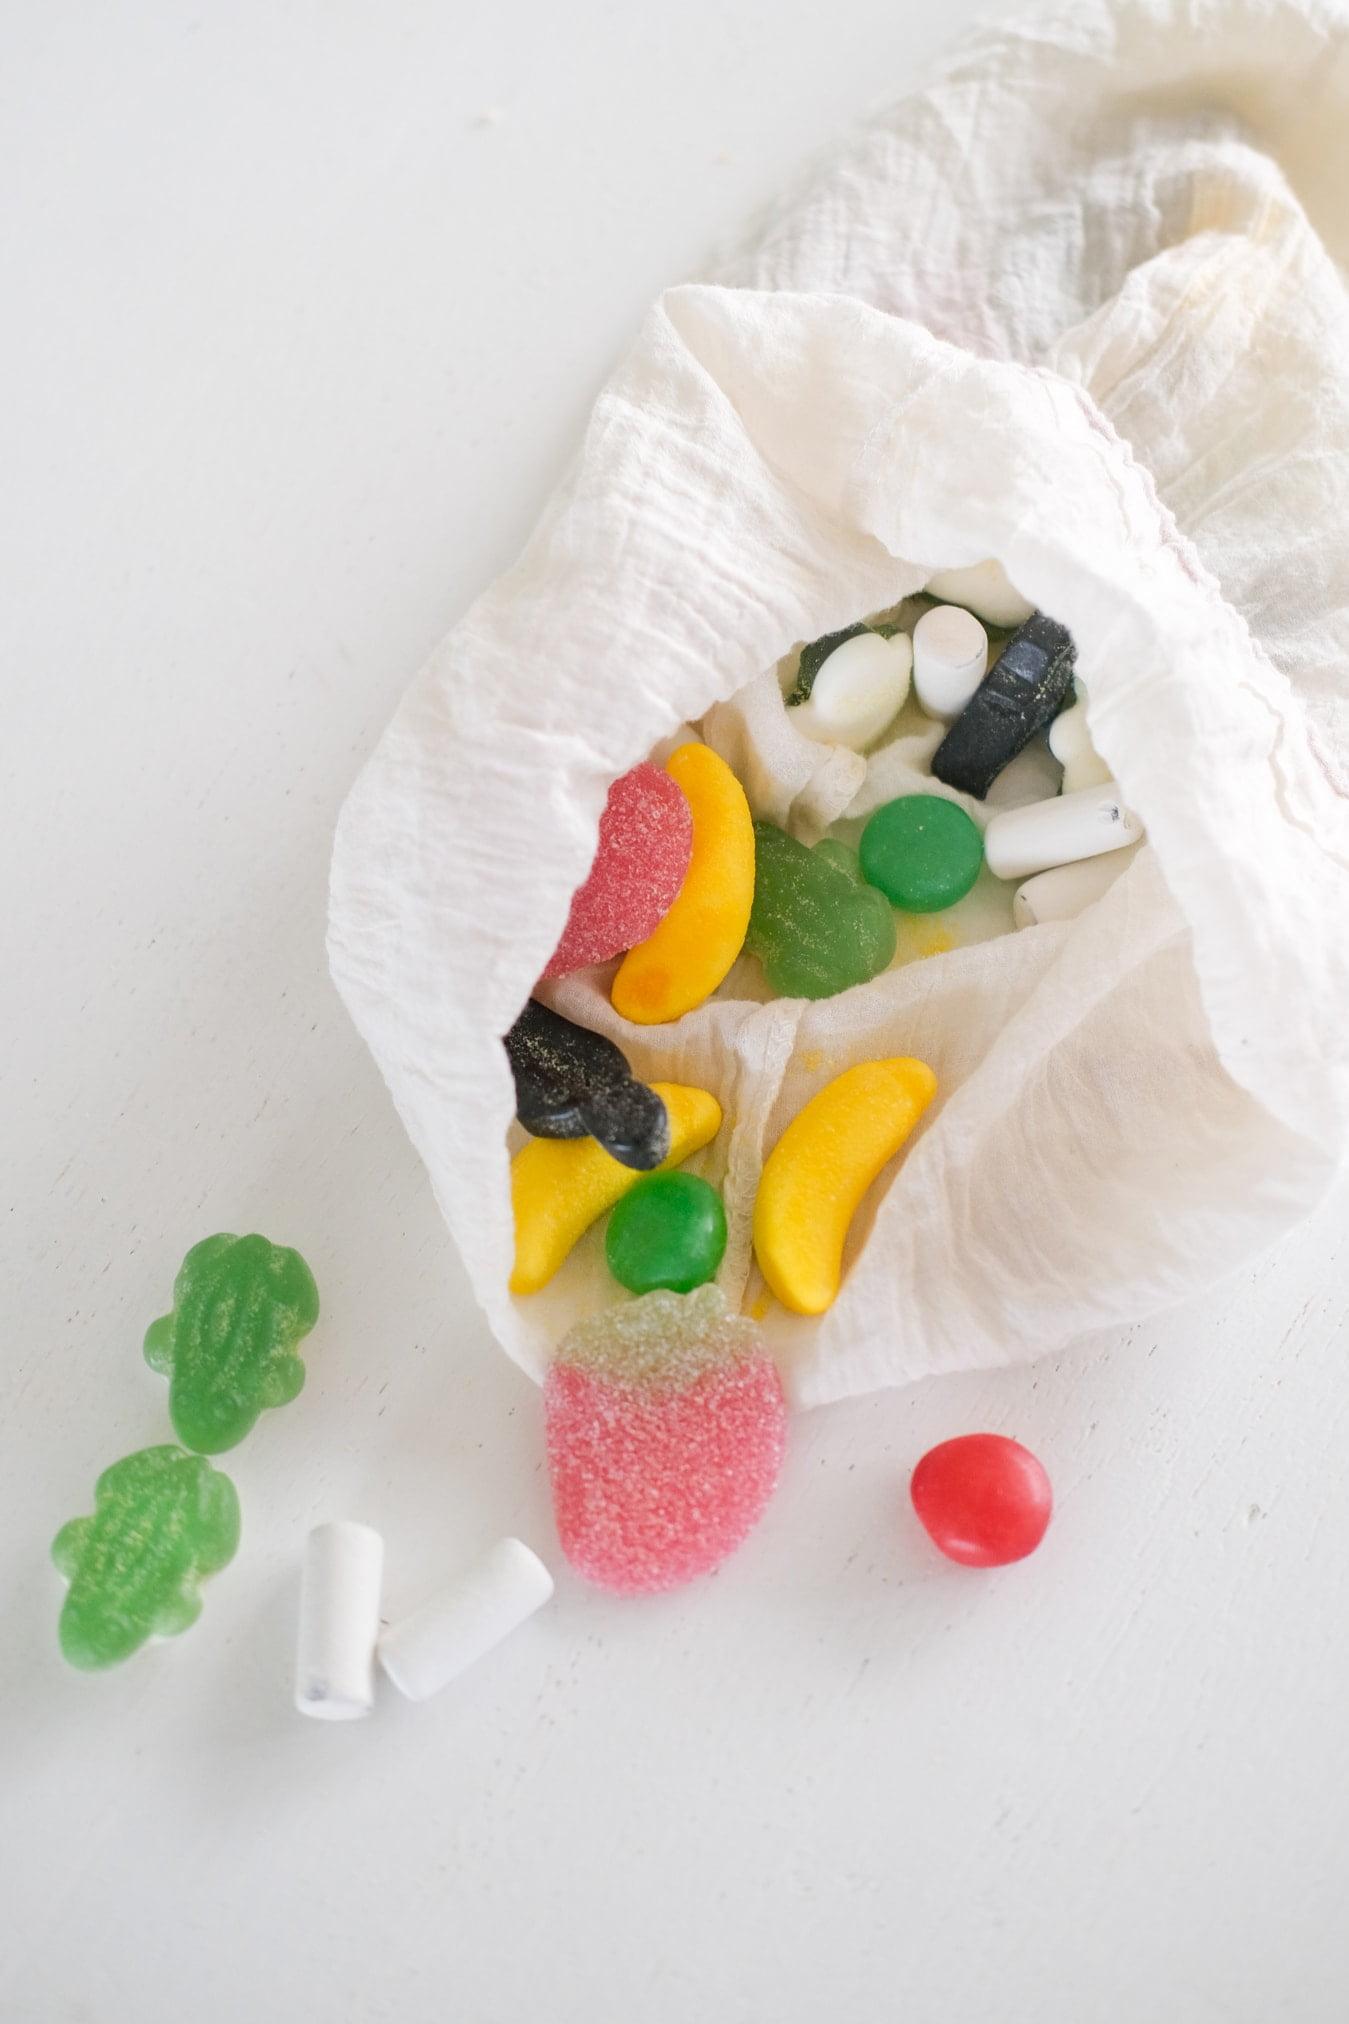 snoep zonder plastic verpakking